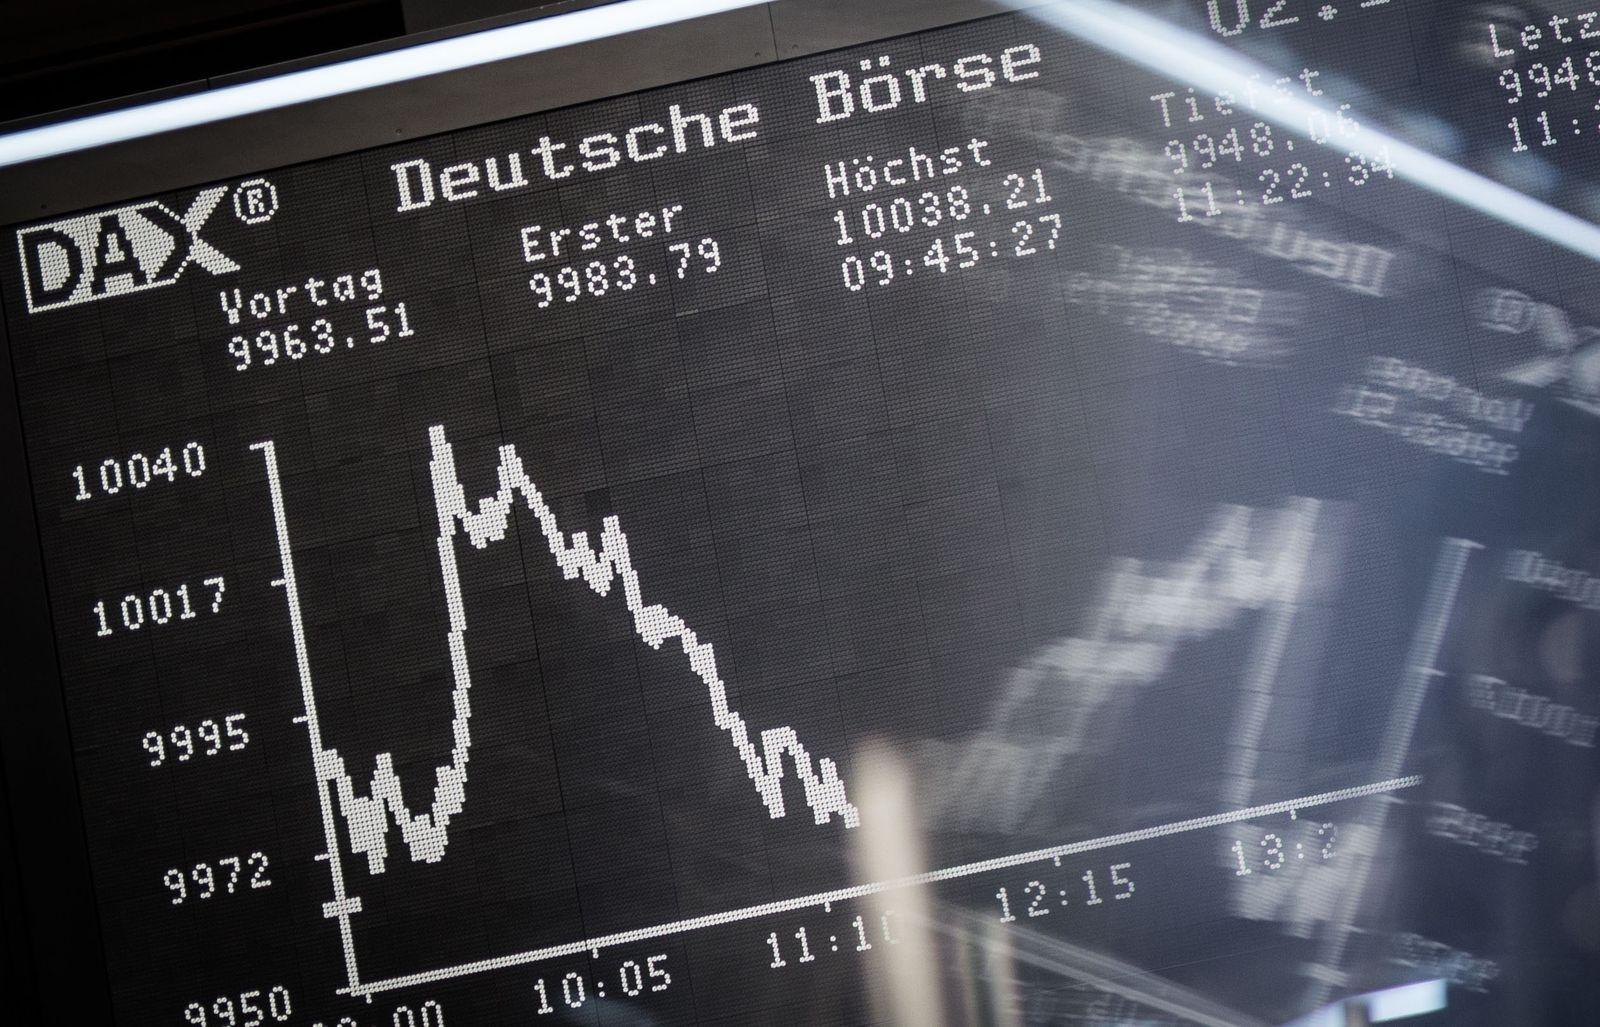 Deutsche Börse / Dax